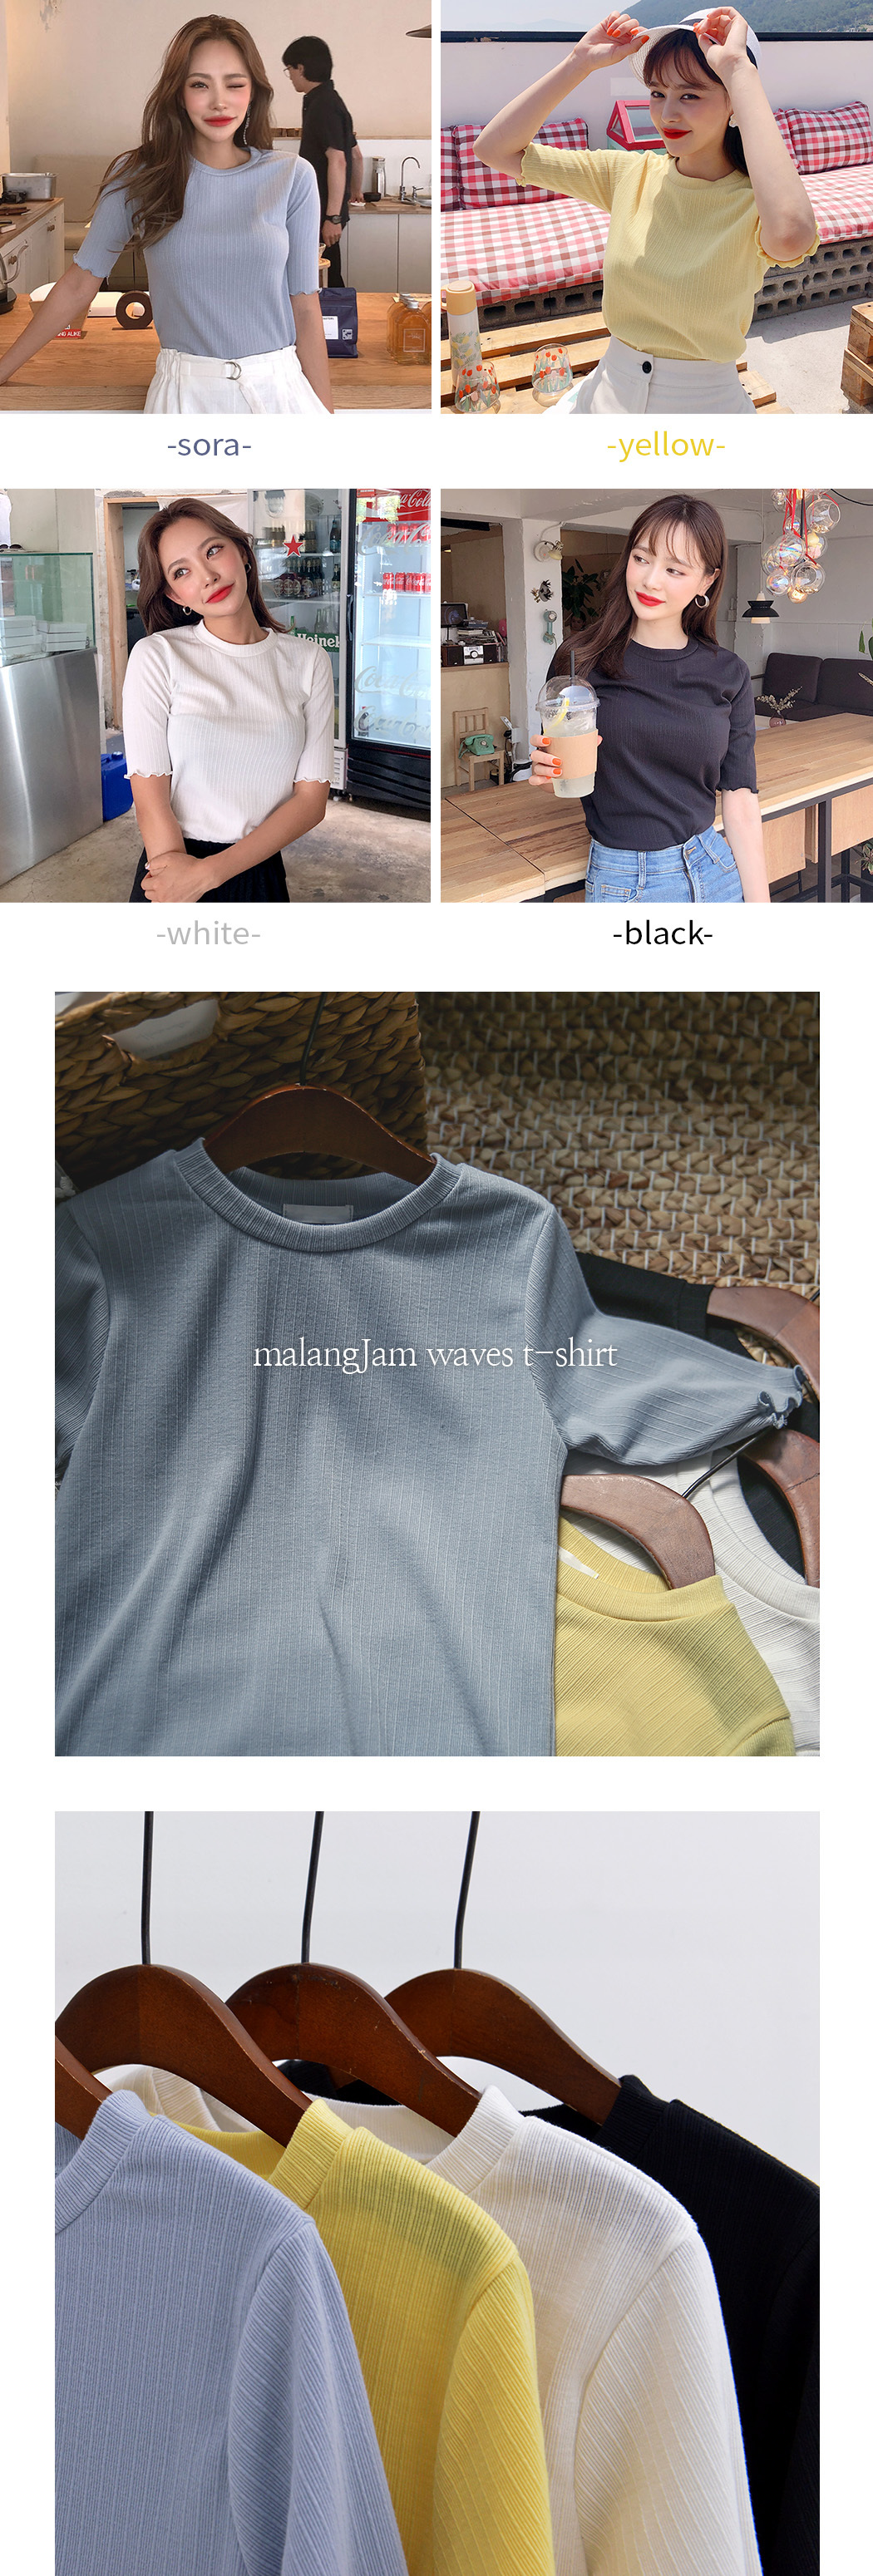 말랑잼 물결 티셔츠